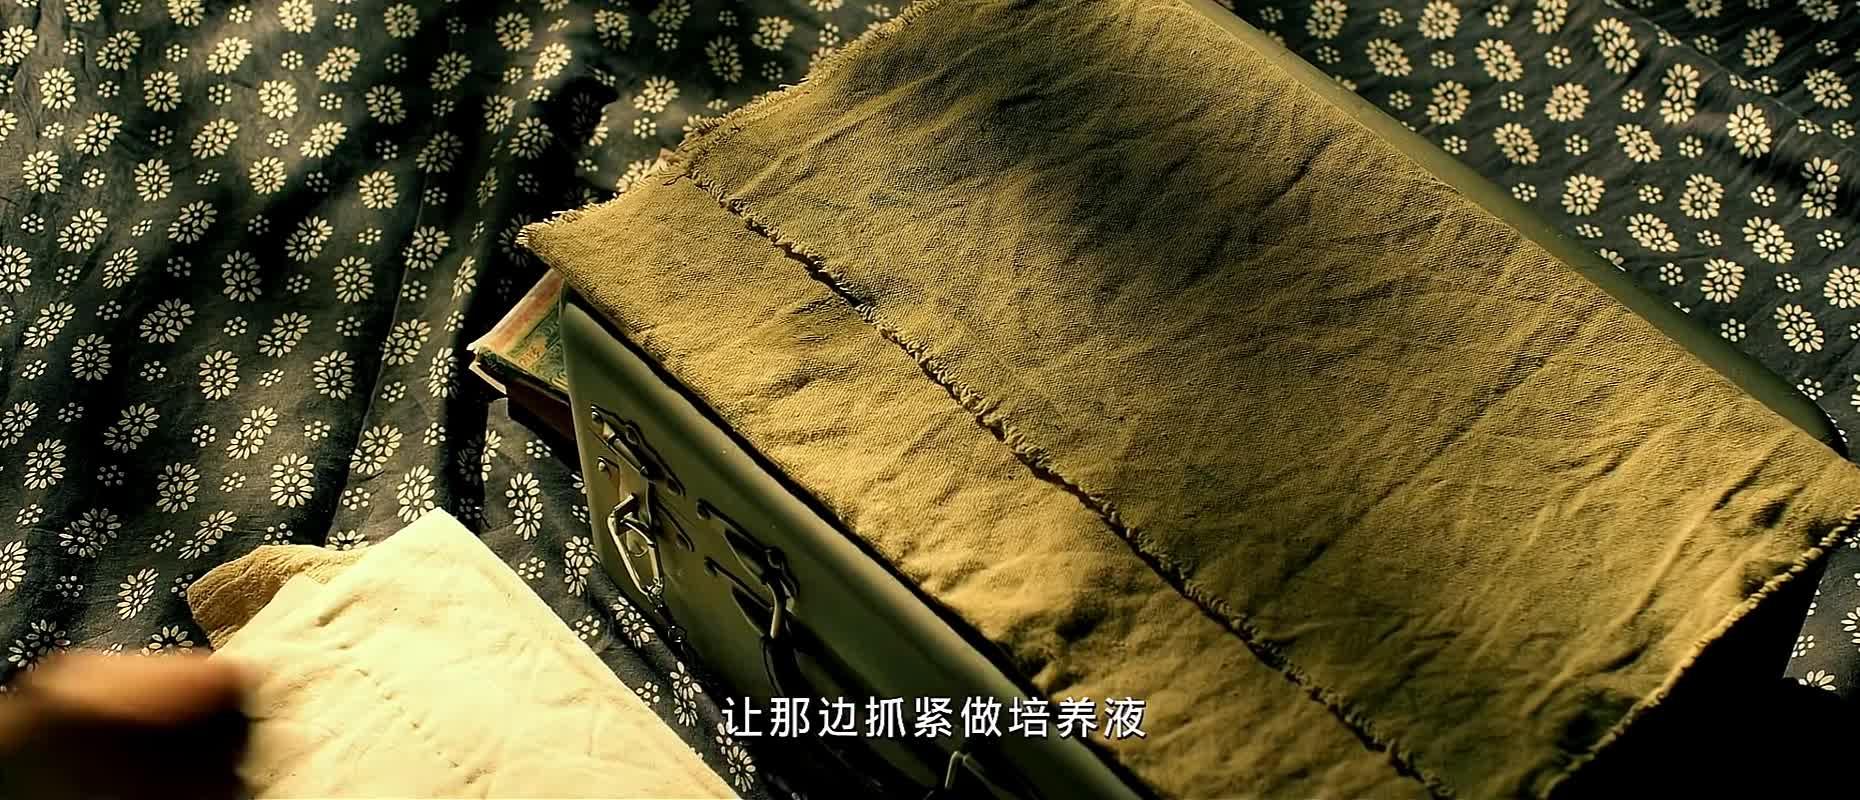 #经典看电影#深情额男人最有魅力,看刘烨就懂了。